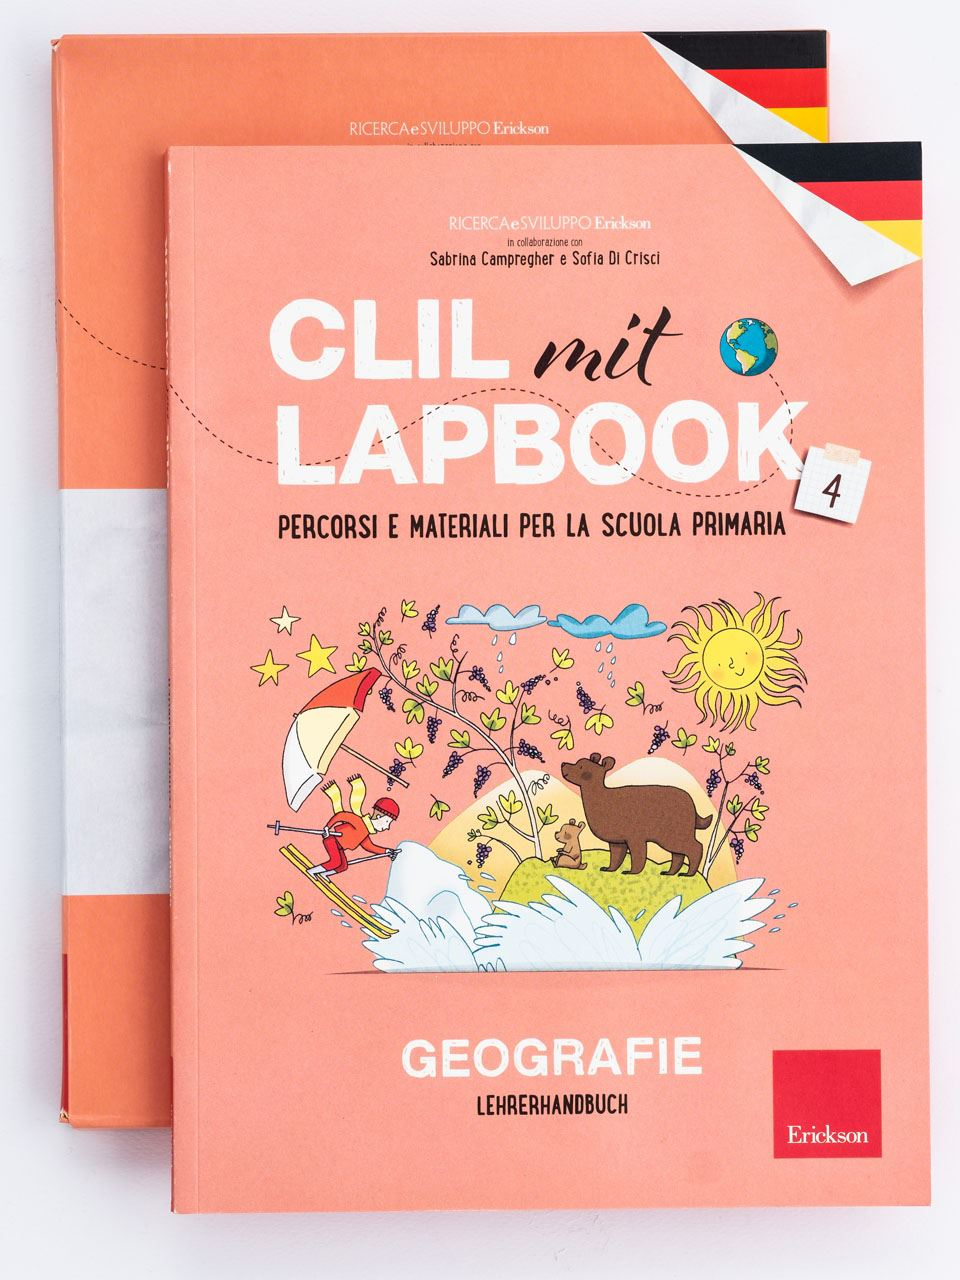 CLIL mit LAPBOOK - Geografie - Classe quarta - Libri - Erickson 2